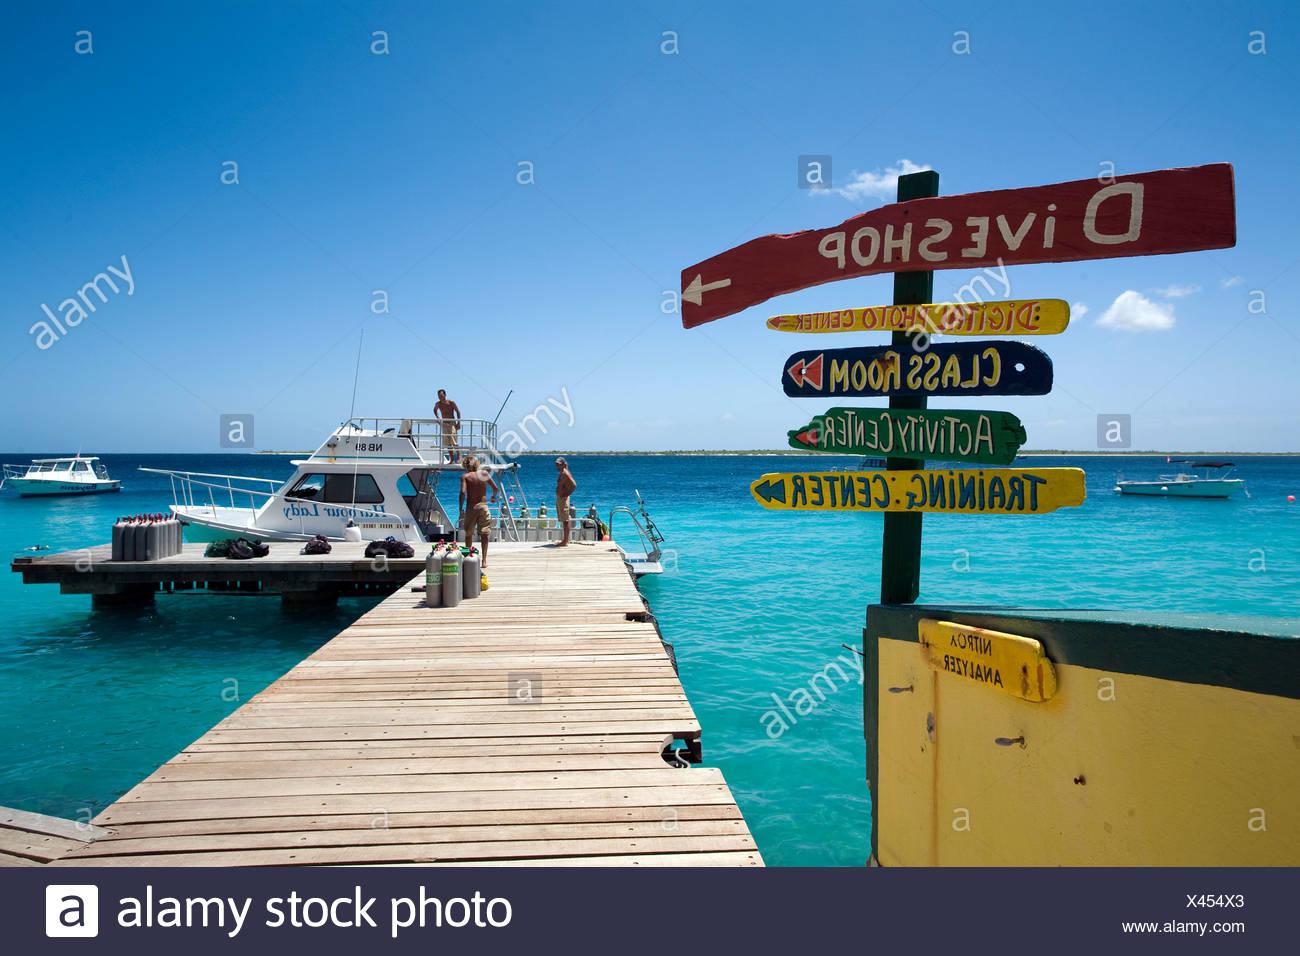 Steg, Buddy Dive Resort, einem beliebten Ferienort und Hotel für Taucher, Kralendijk, Bonaire, Niederländische Antillen, Antillen, Karibik Stockbild